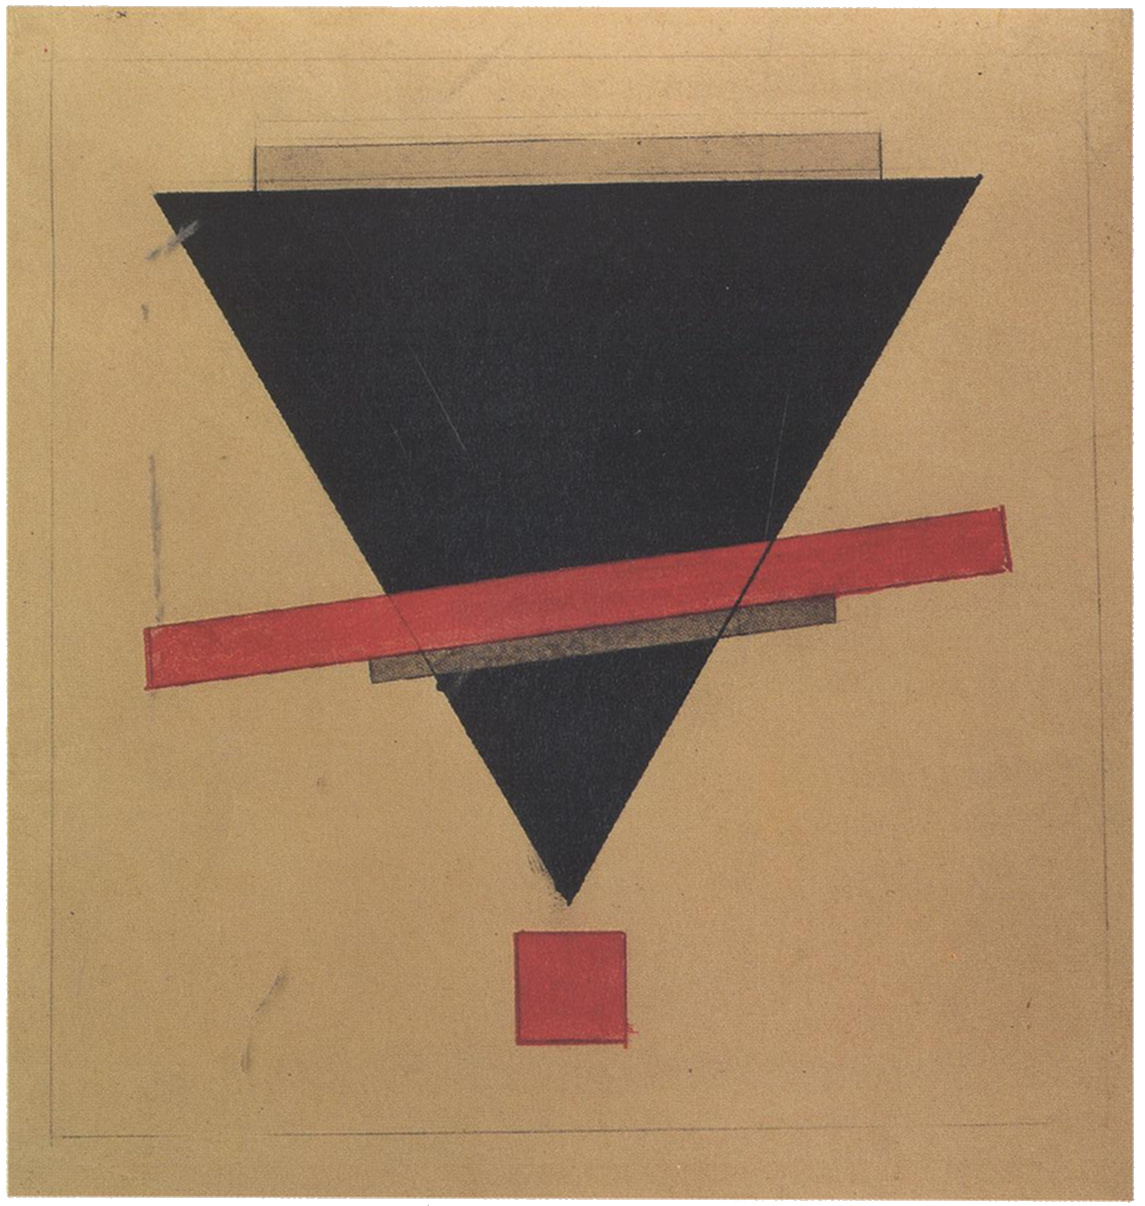 Il'ia Chashnik, Red Square UNOVIS 1921